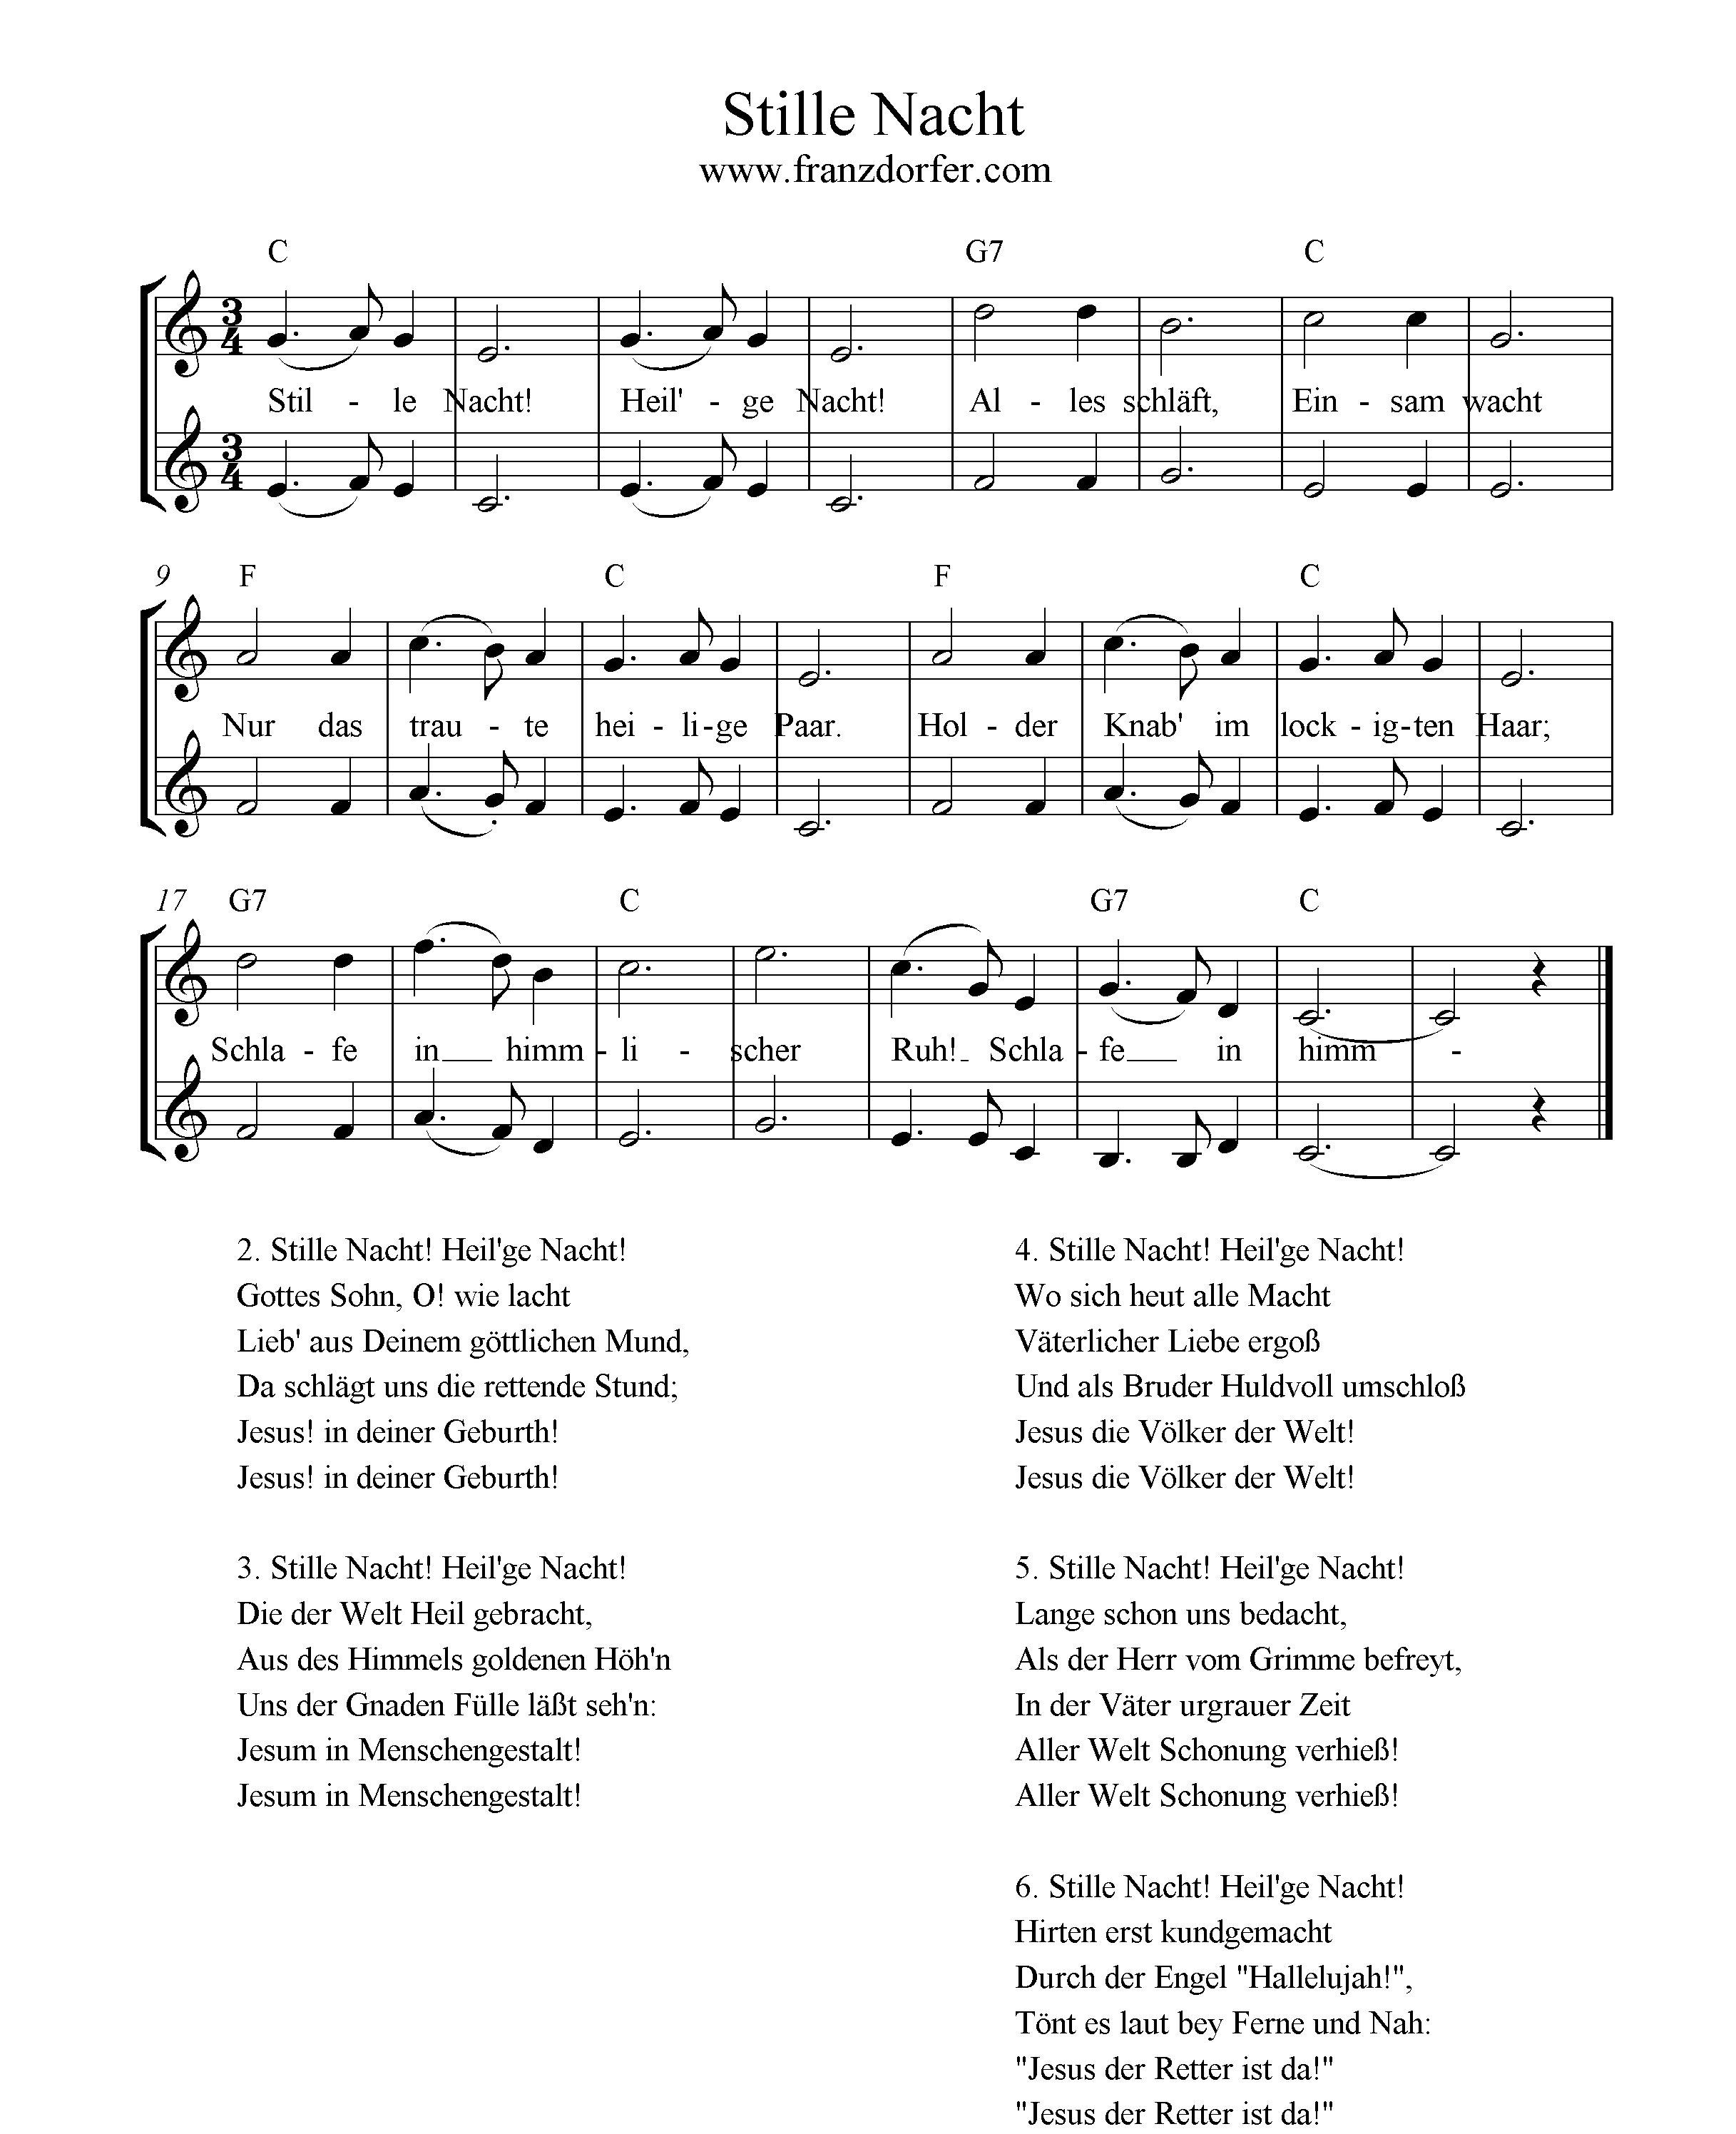 Text Stille Nacht Heilige Nacht